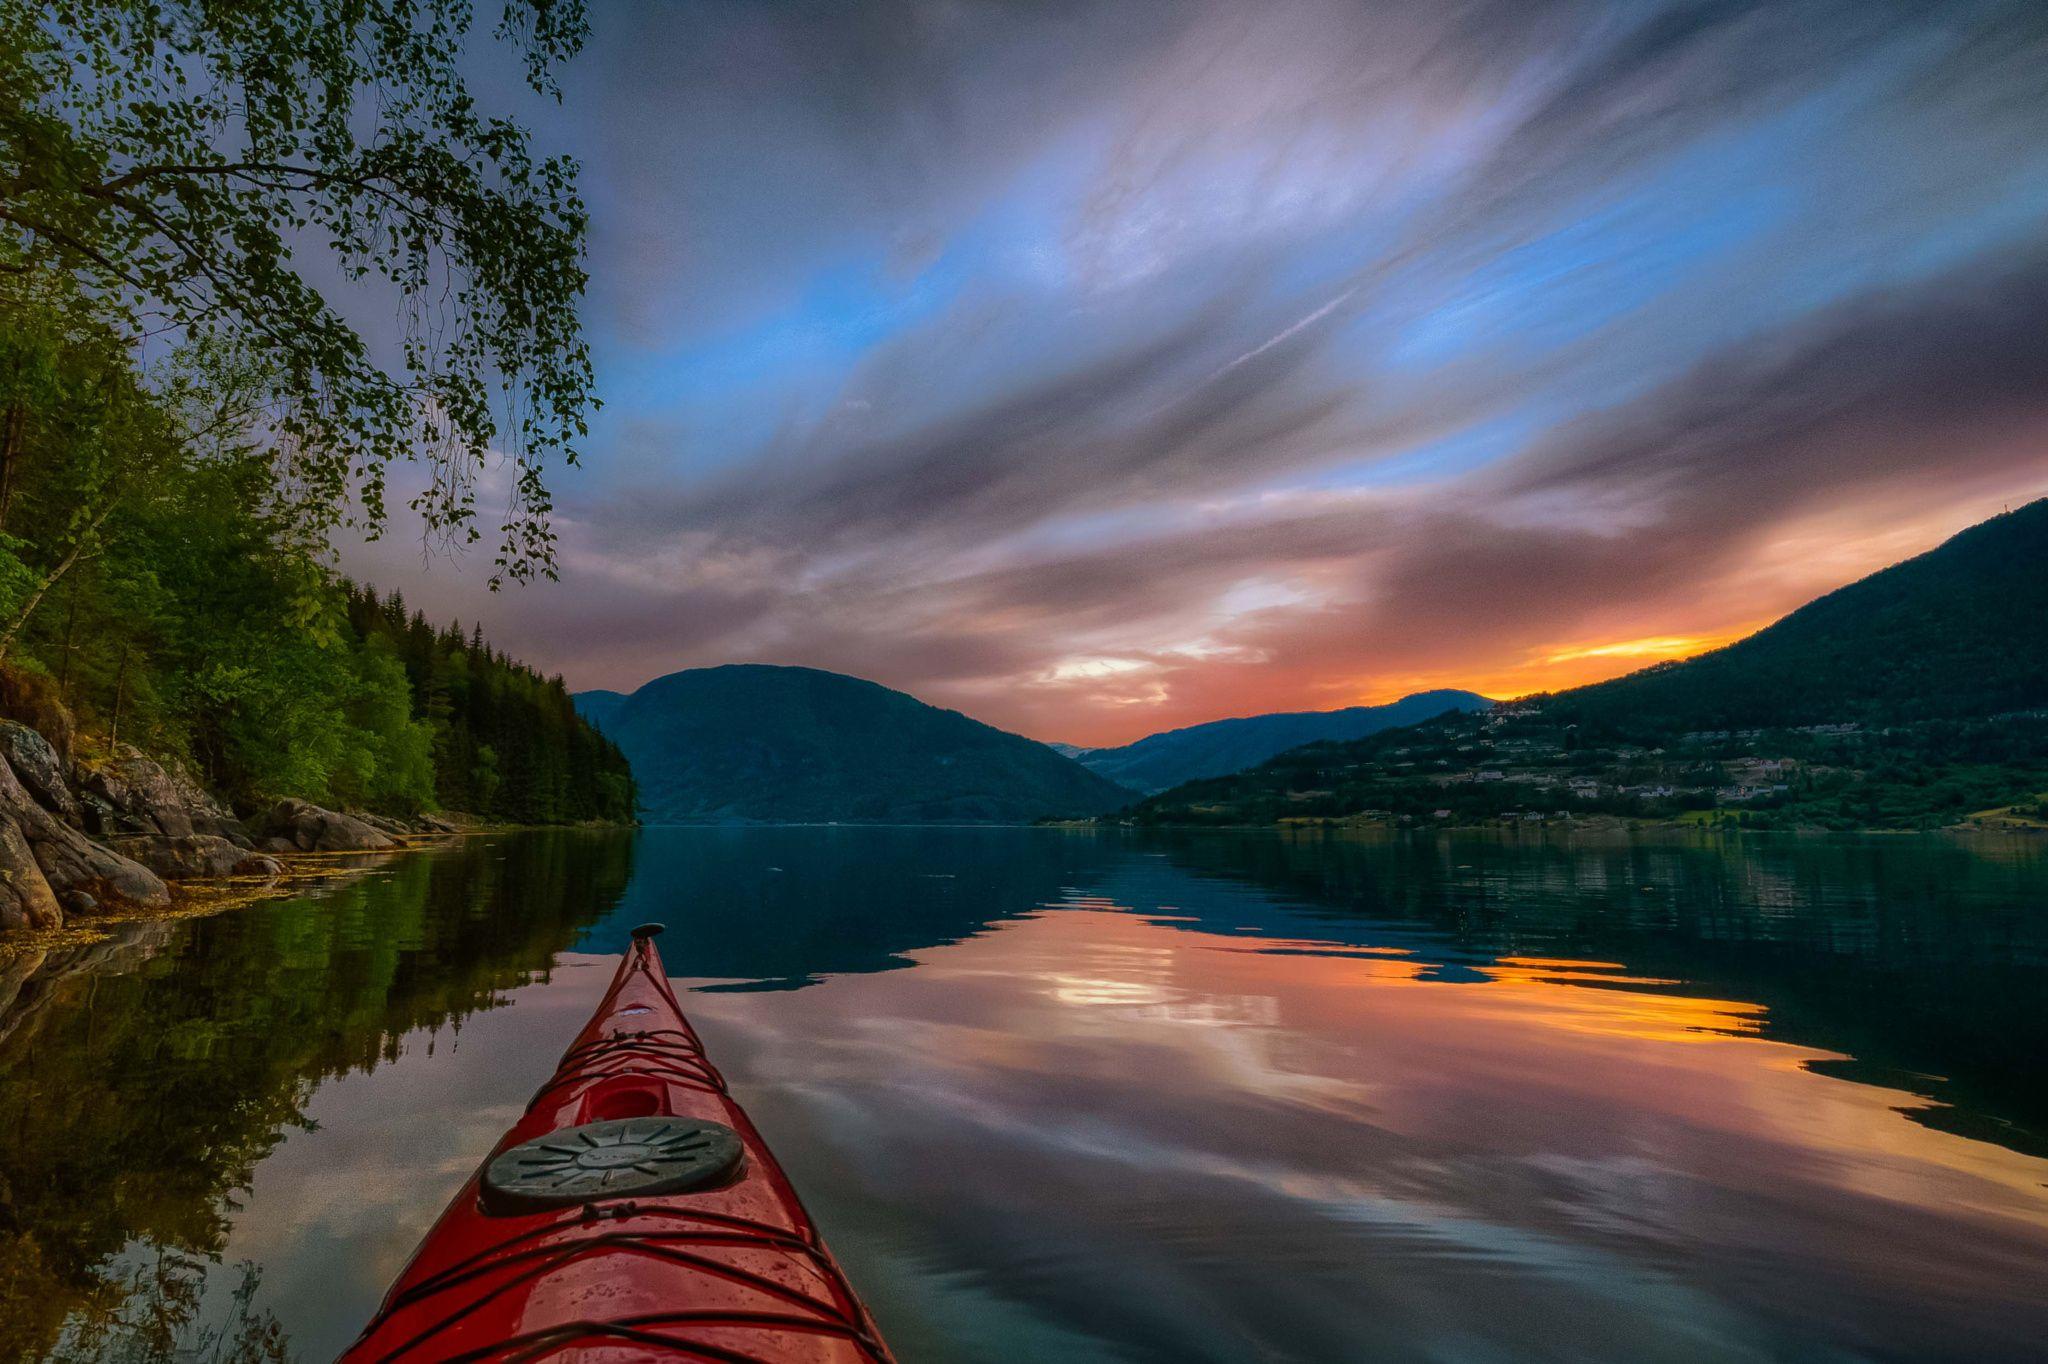 Still kayaking :-) by Jørn Allan Pedersen on 500px